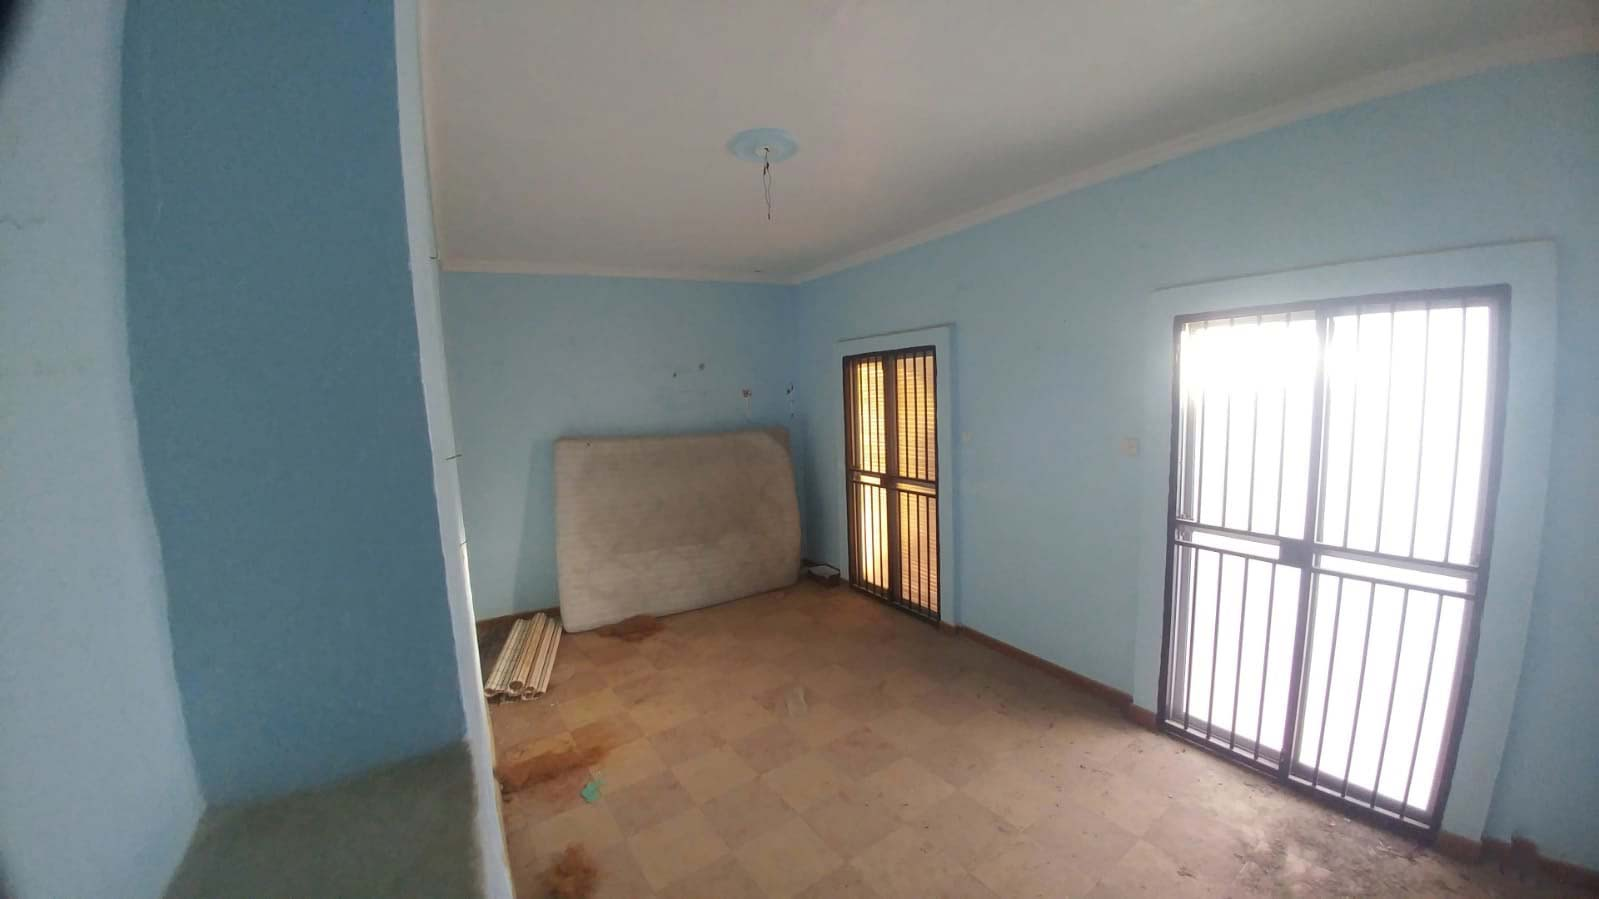 Casa en venta en Casa en Villanueva de San Juan, Sevilla, 38.235 €, 5 habitaciones, 1 baño, 219 m2